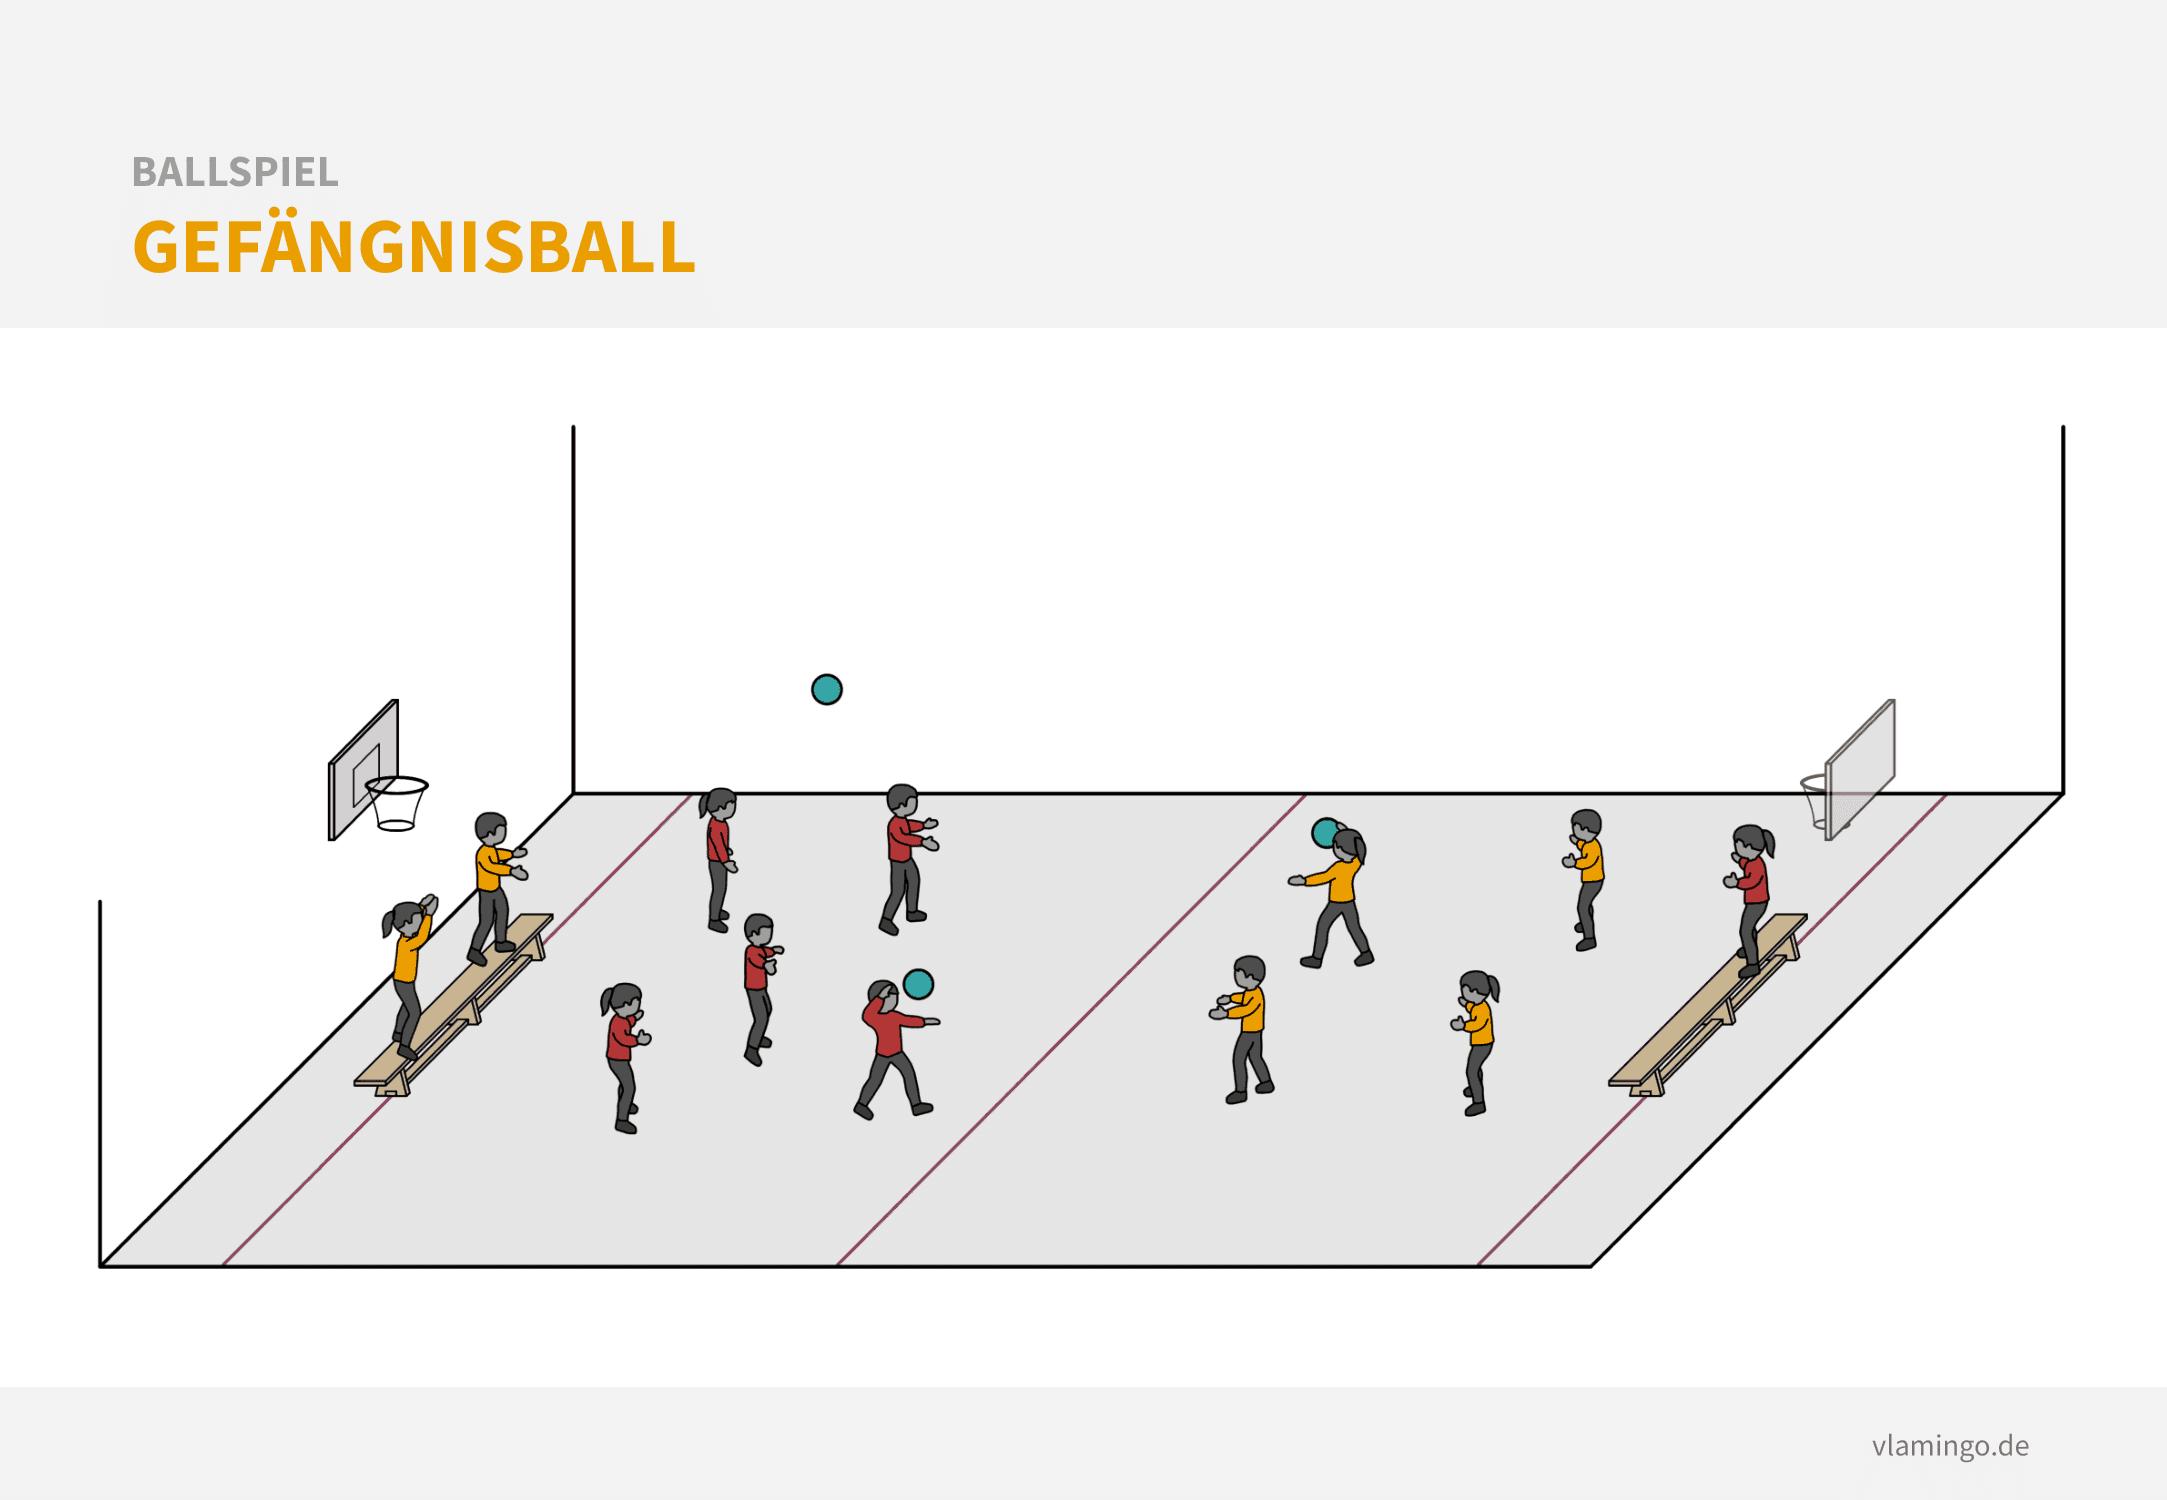 Ballspiel: Gefängnisball